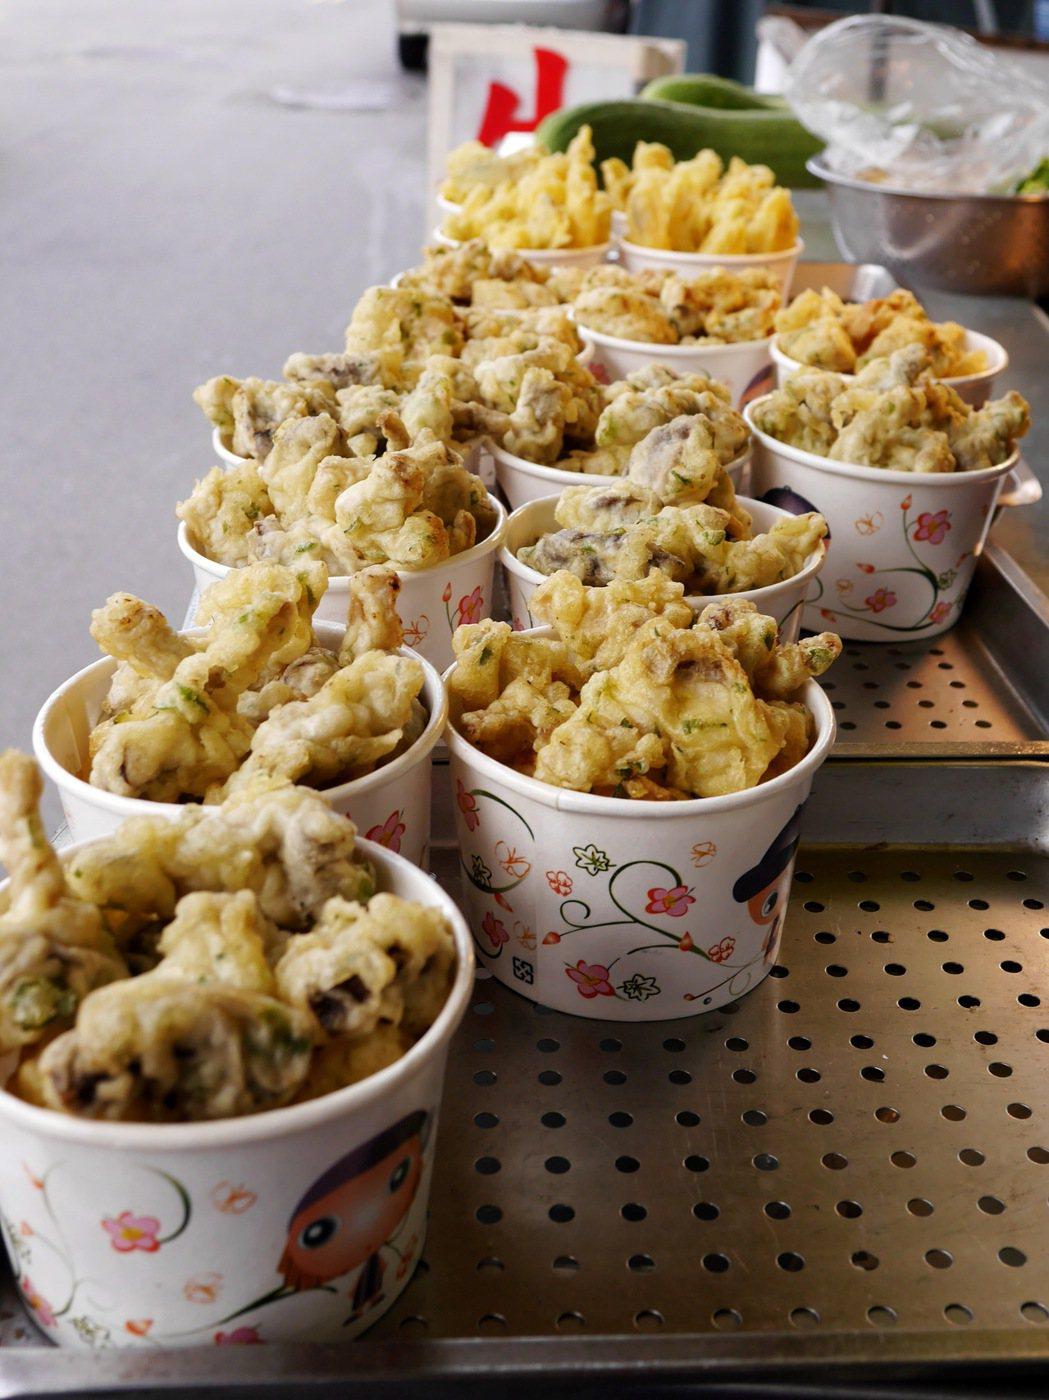 當地商家把盛產的香菇及杏鮑菇做成炸物,除了便利又美味。 記者陳威任/攝影